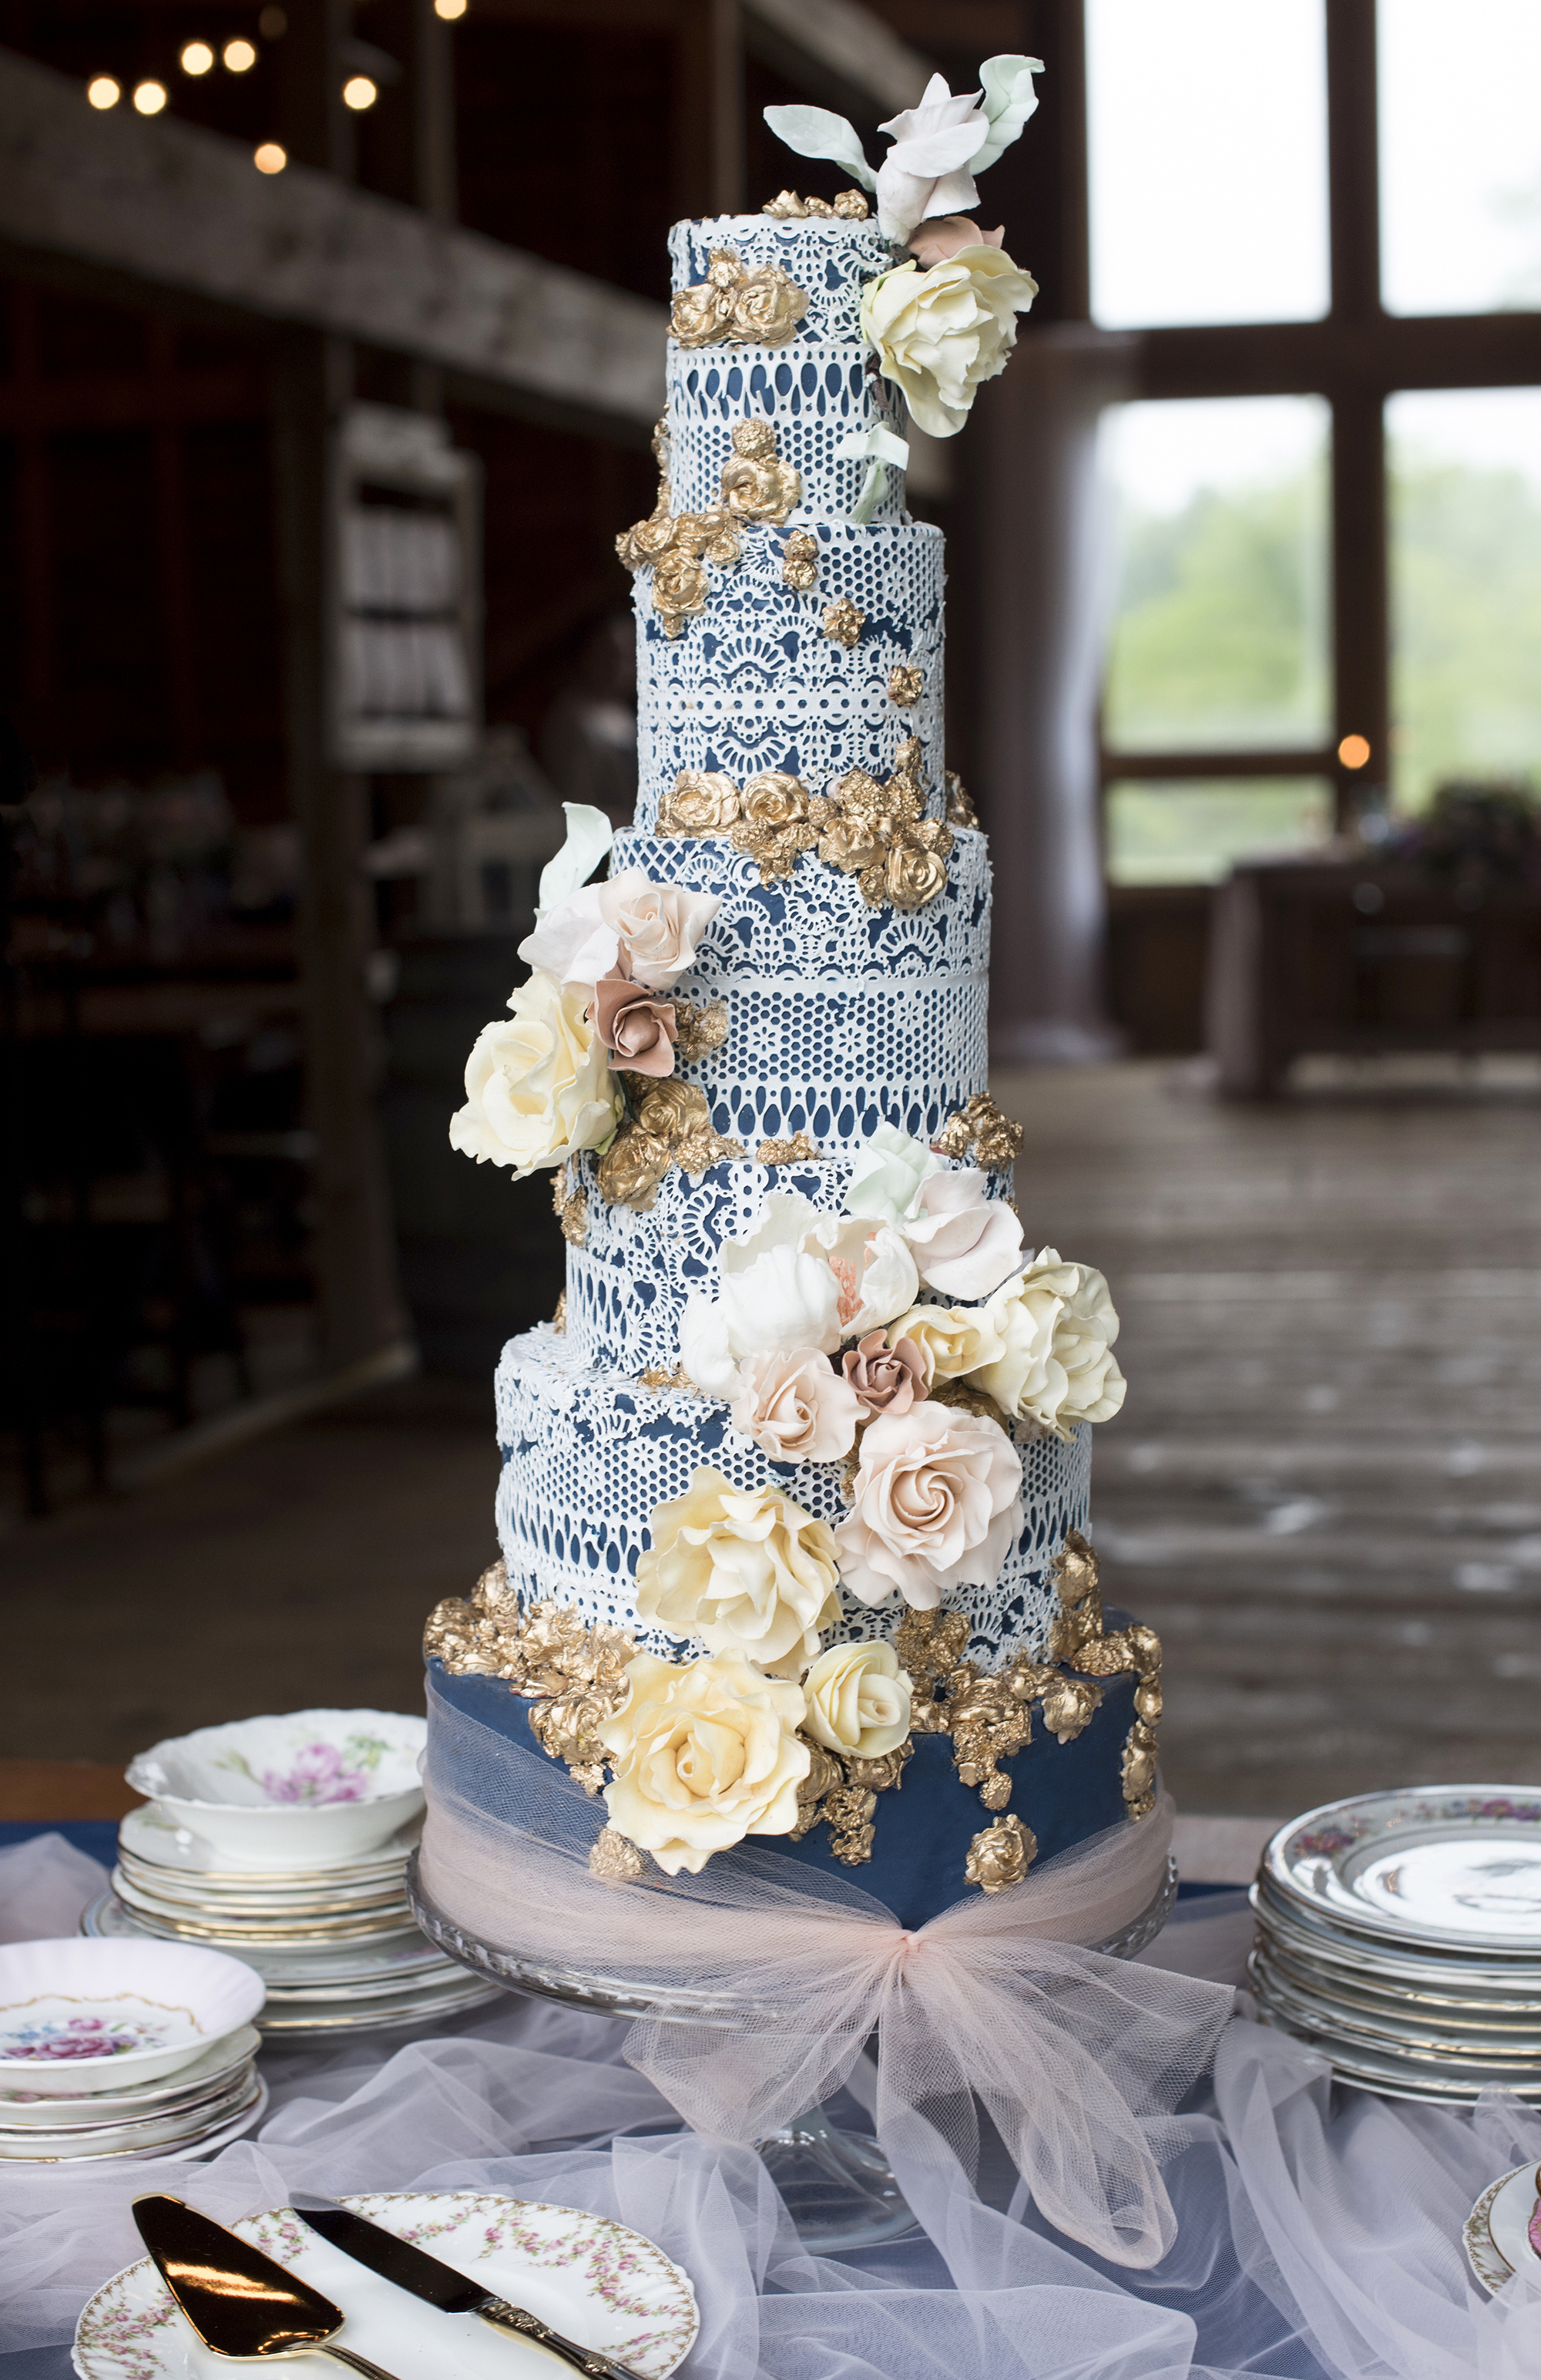 eyelet lace overlay wedding cake